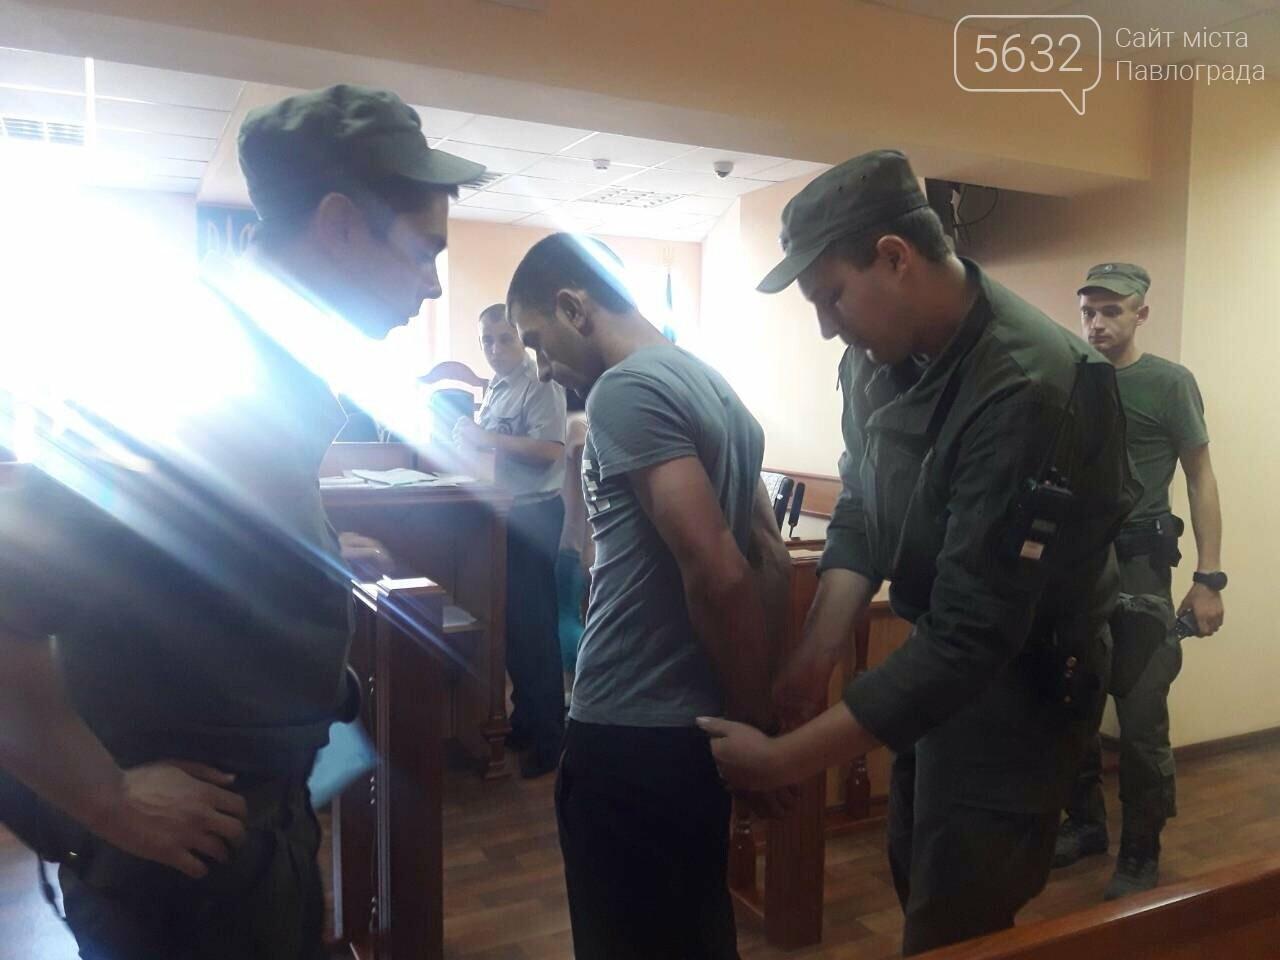 Павлоградца, которого жестоко избили возле ЦУМа, выписали из больницы, фото-2